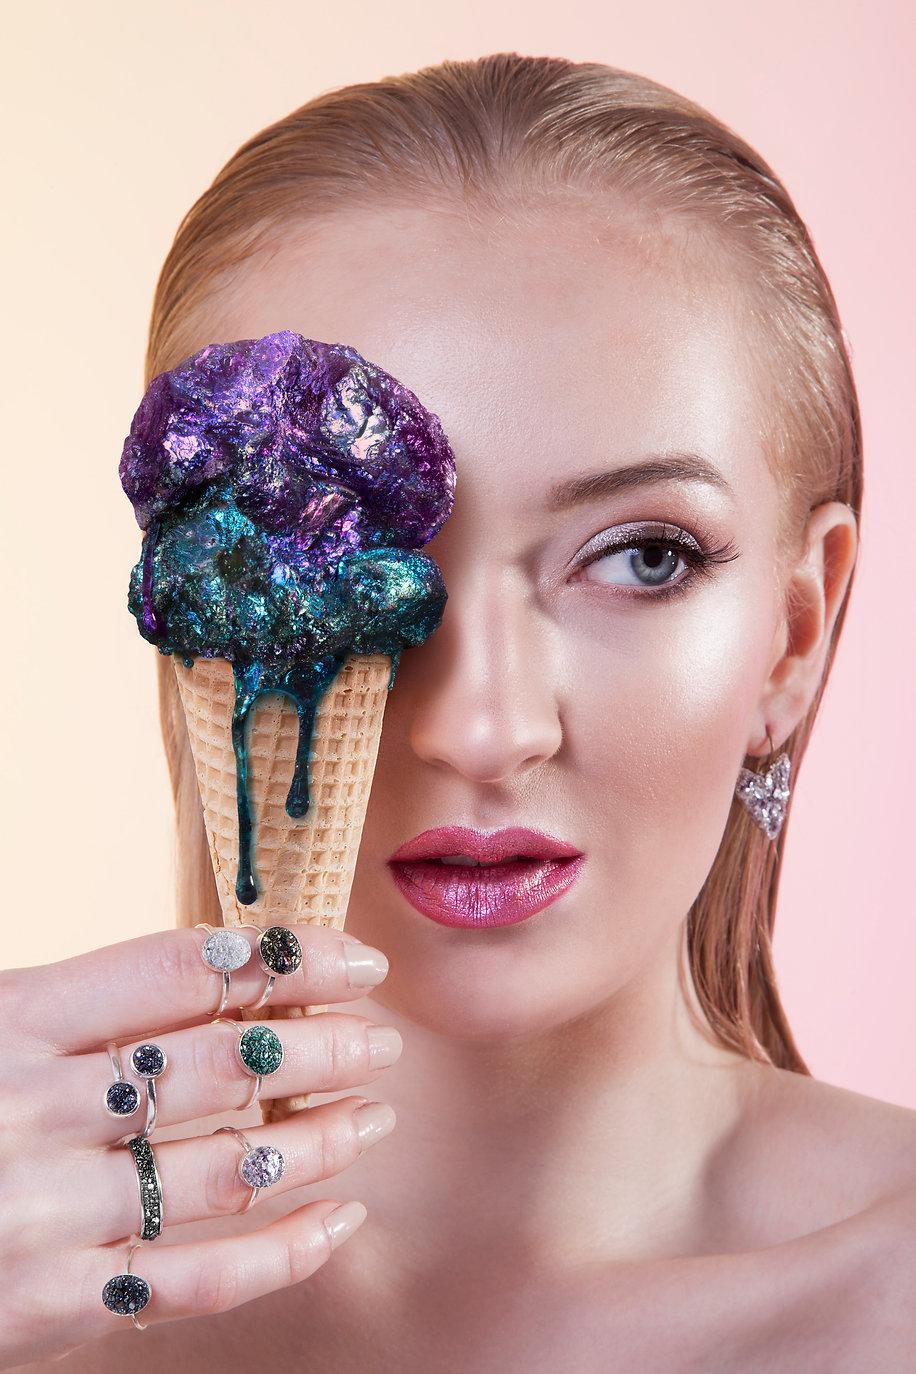 icecream jewelry advertising